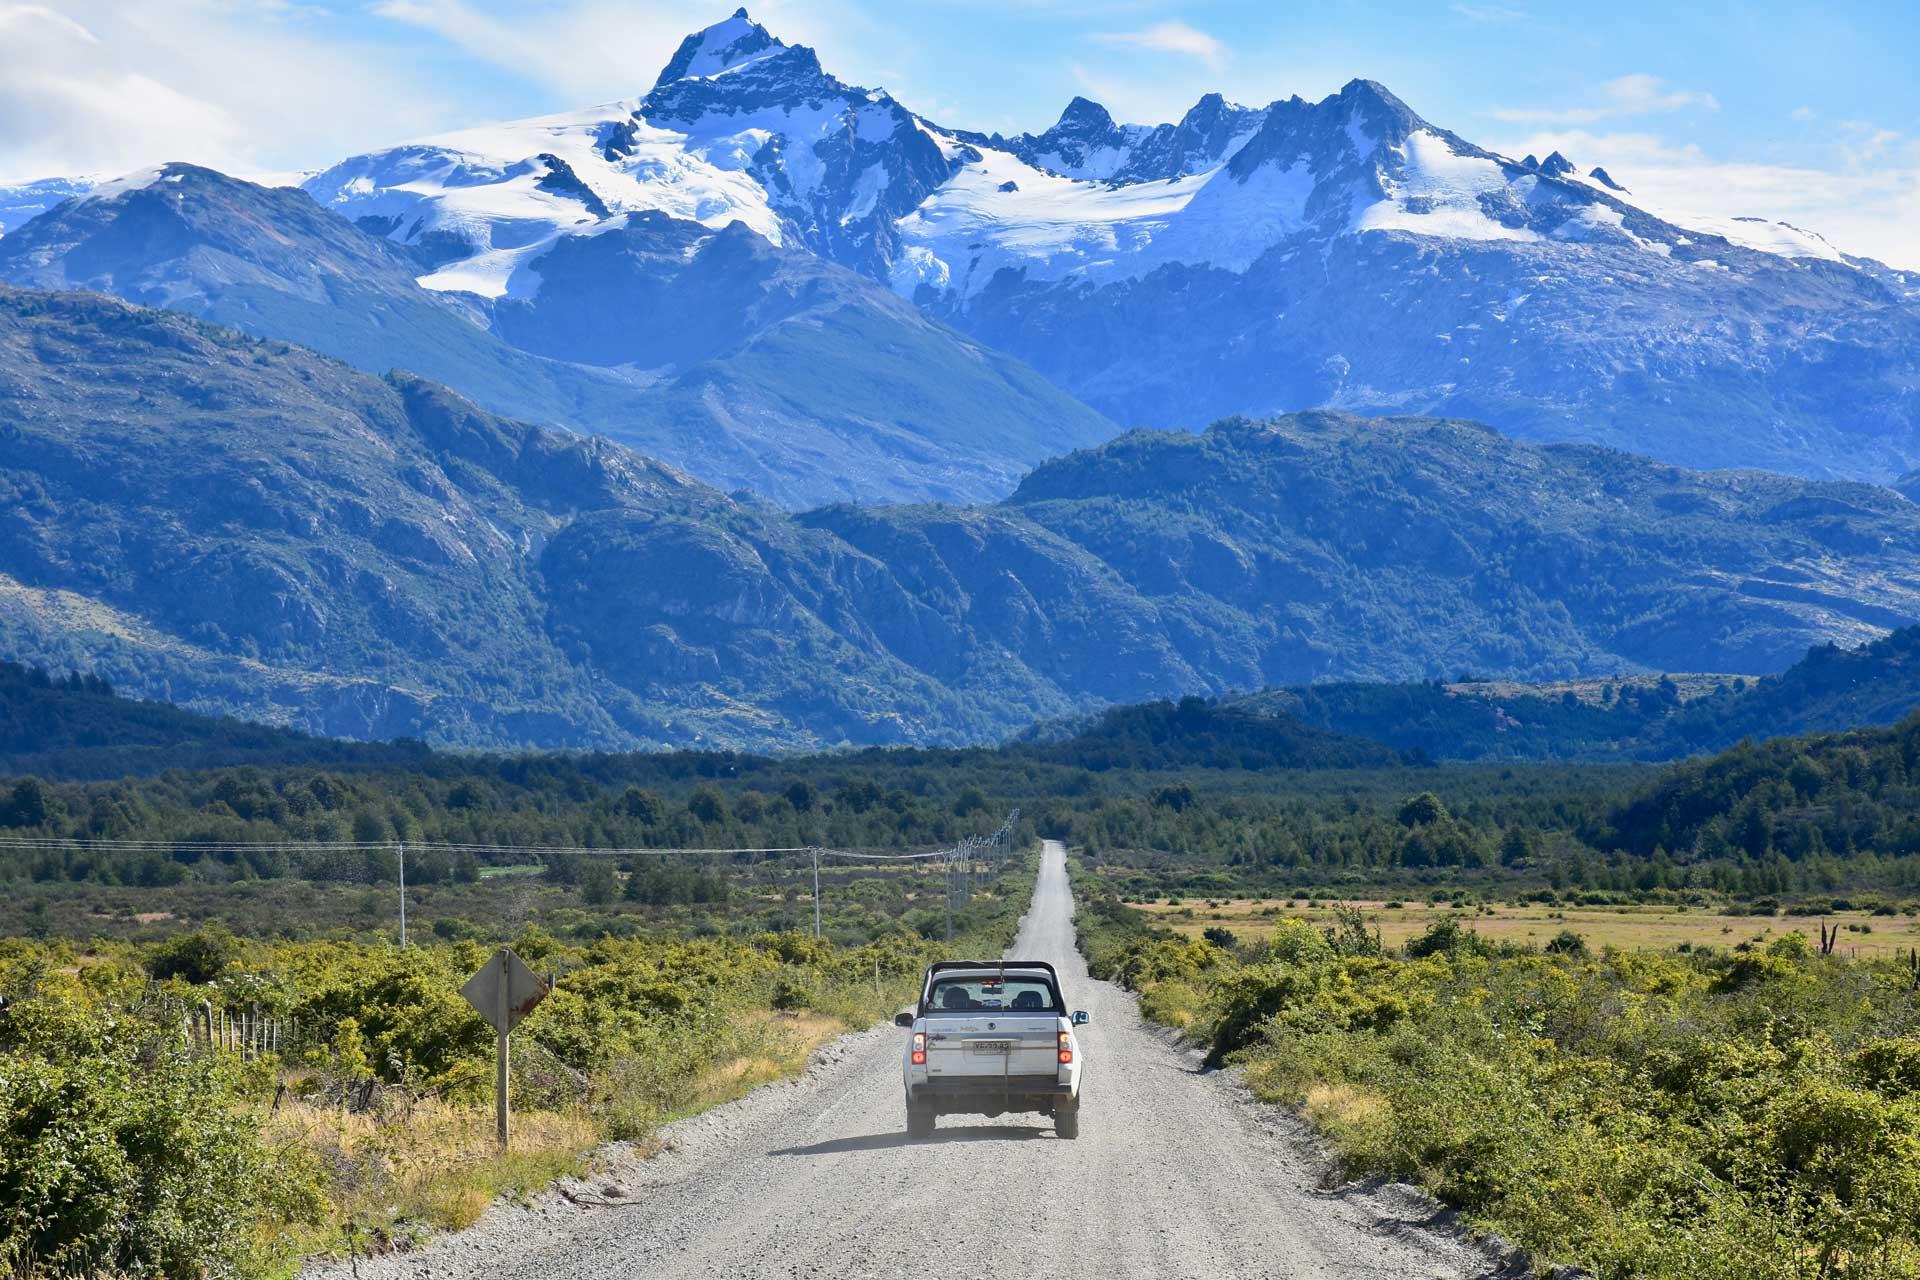 Die Carretera Austral führt in den wilden Süden Patagoniens